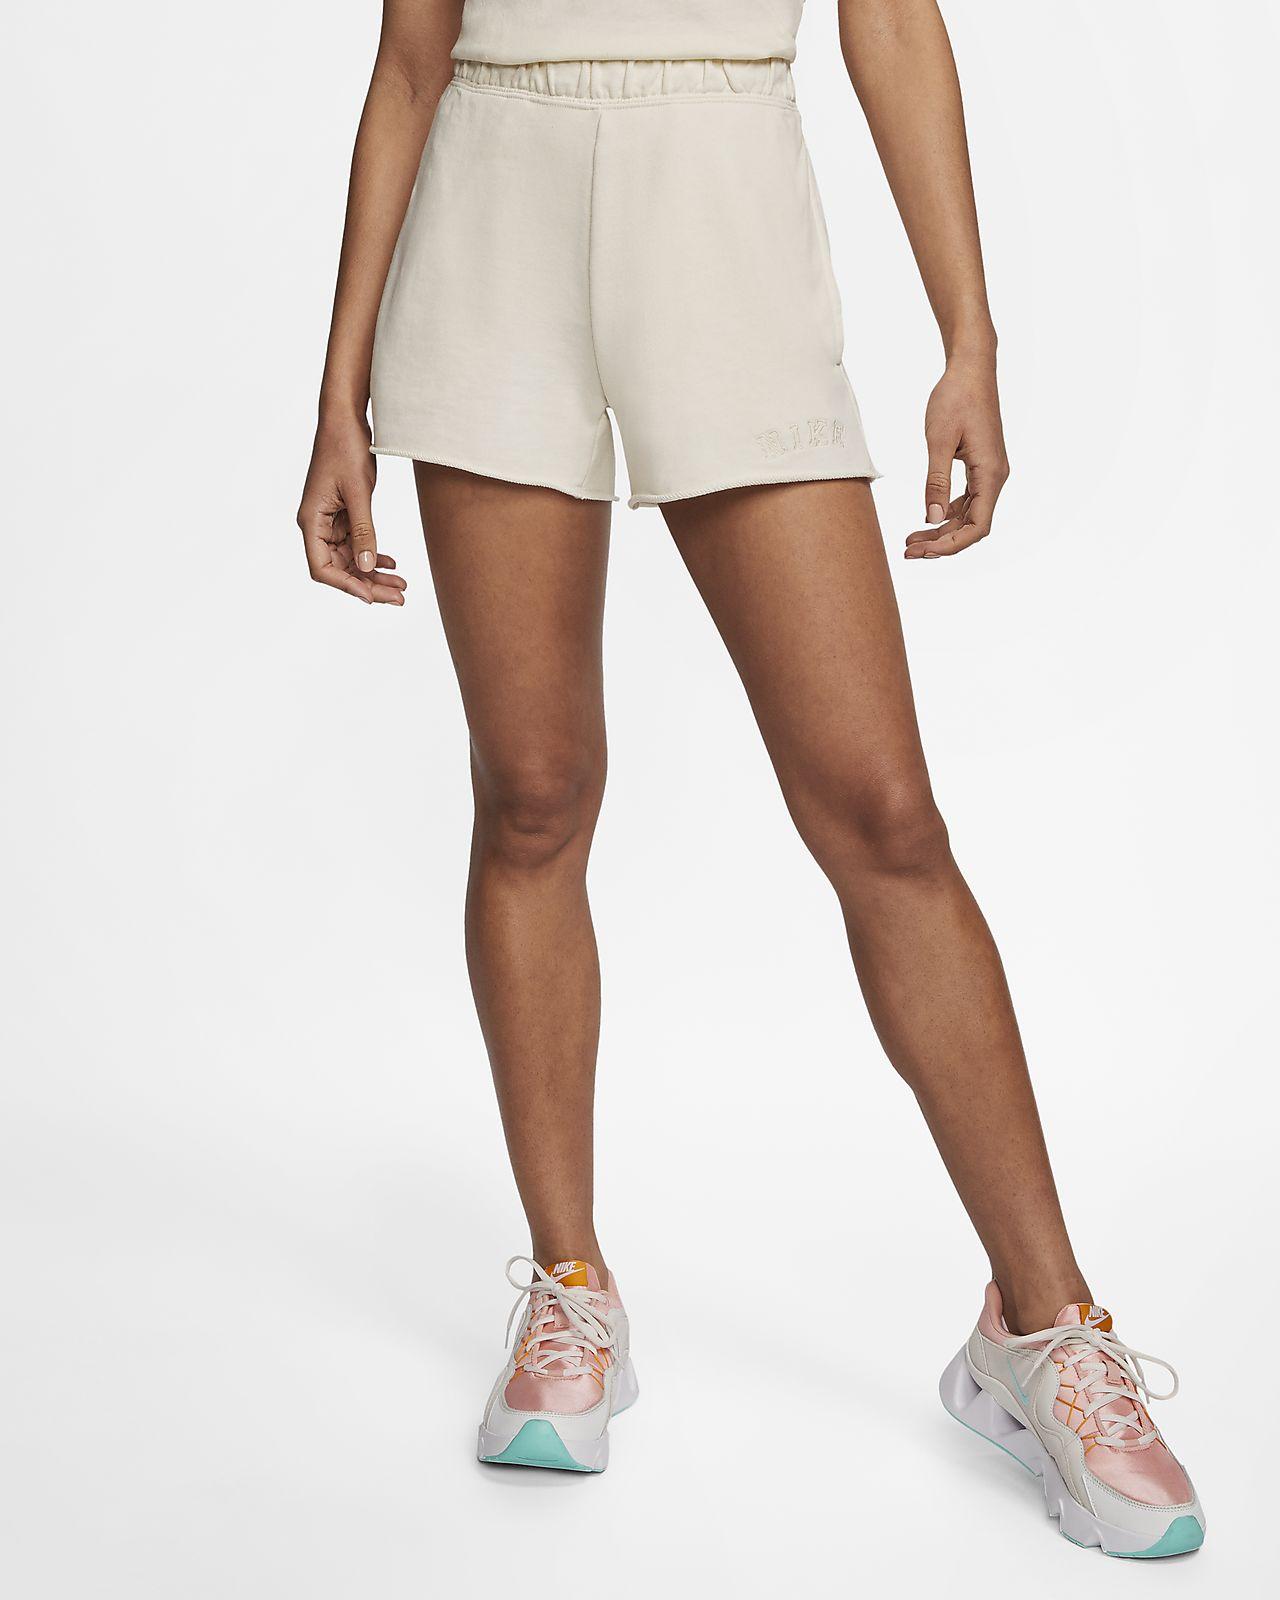 Shorts i frotté Nike Sportswear för kvinnor